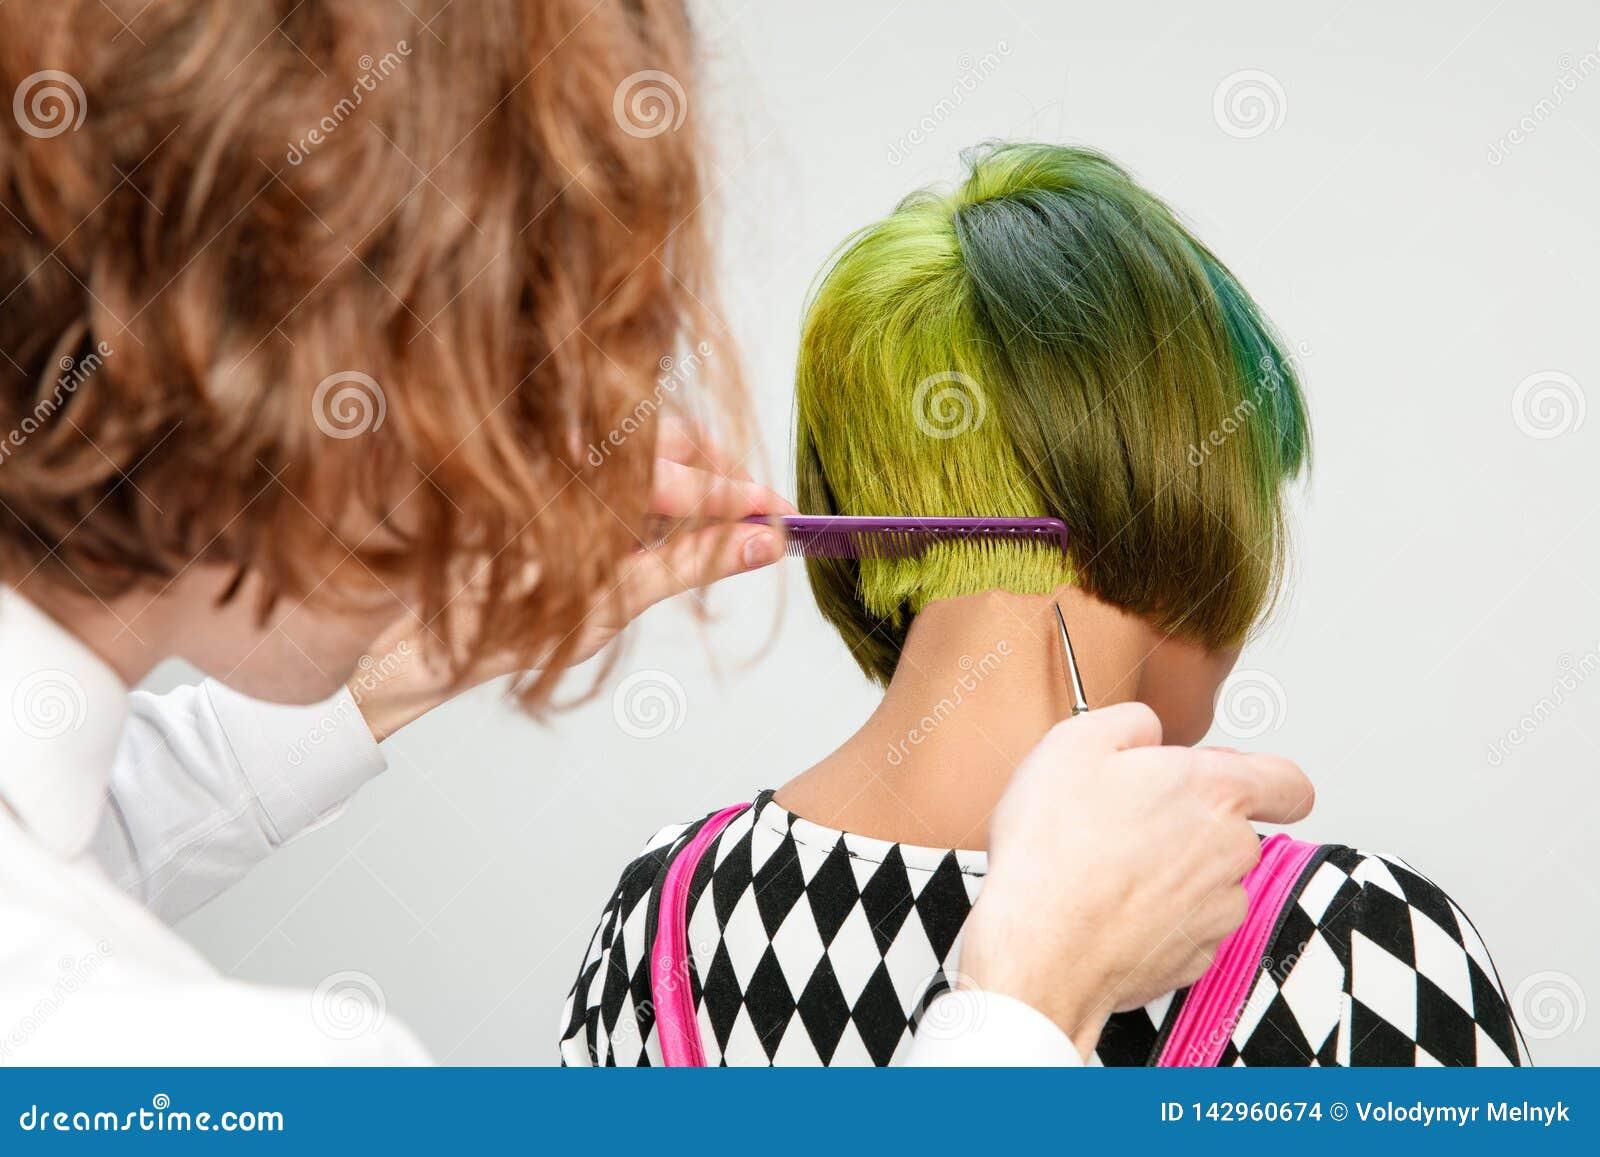 Obrazuje pokazywać dorosłej kobiety przy włosianym salonem